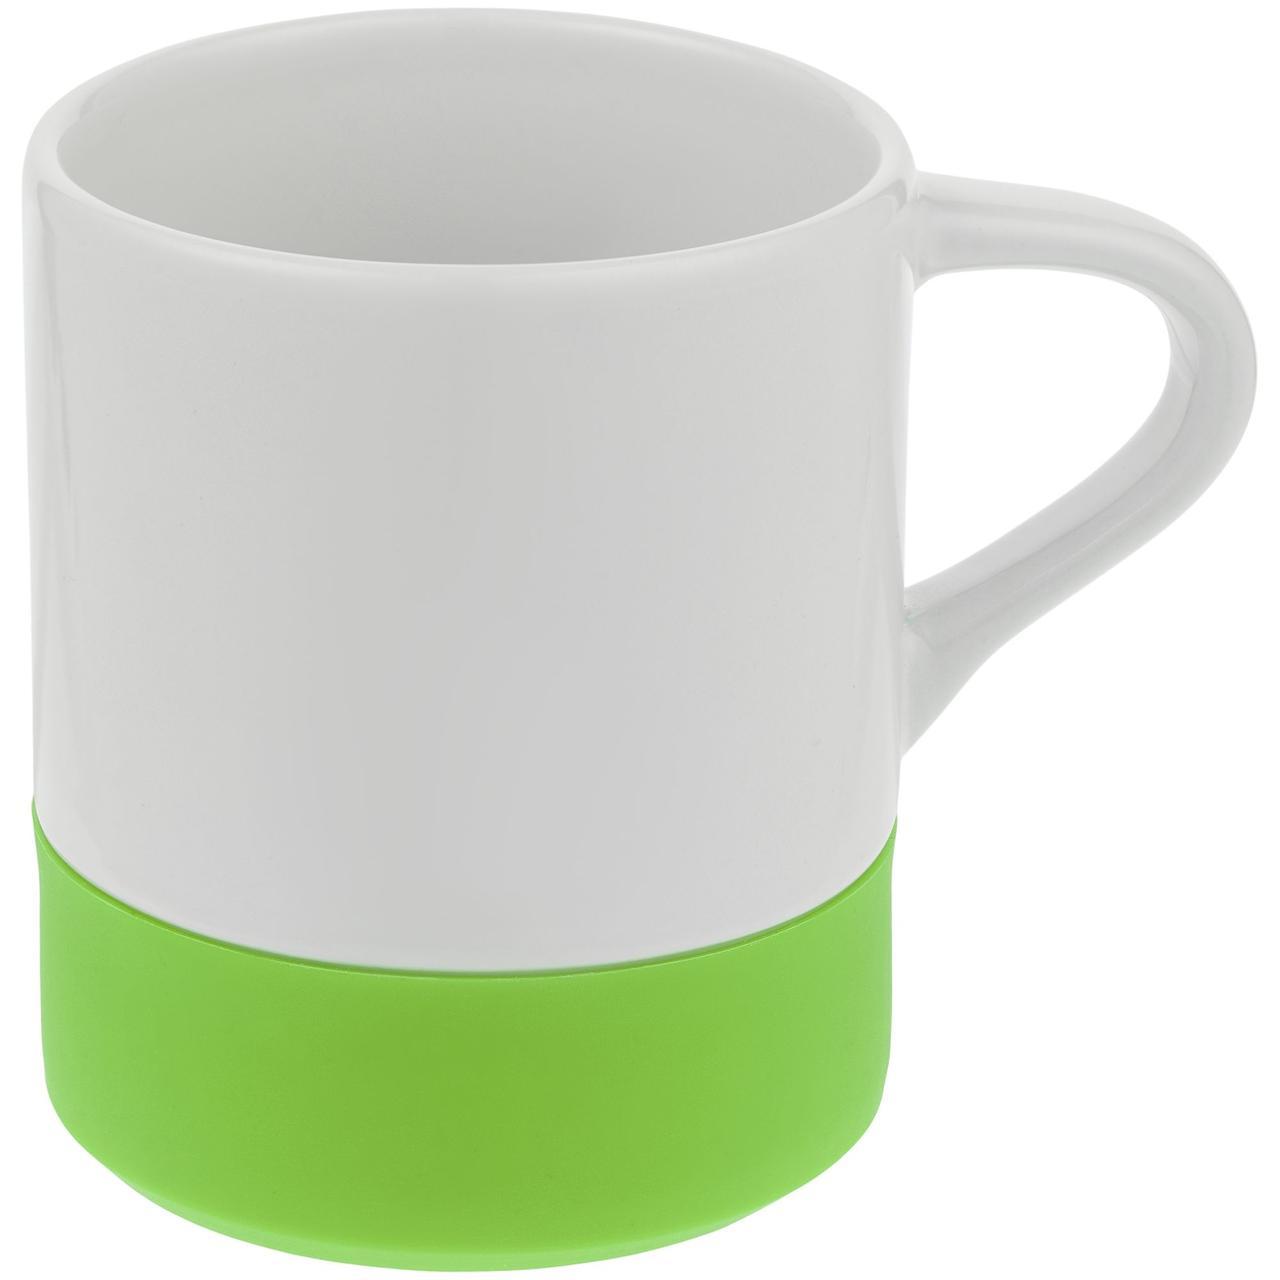 Кружка с силиконовой подставкой Protege, зеленое яблоко (артикул 12892.91)